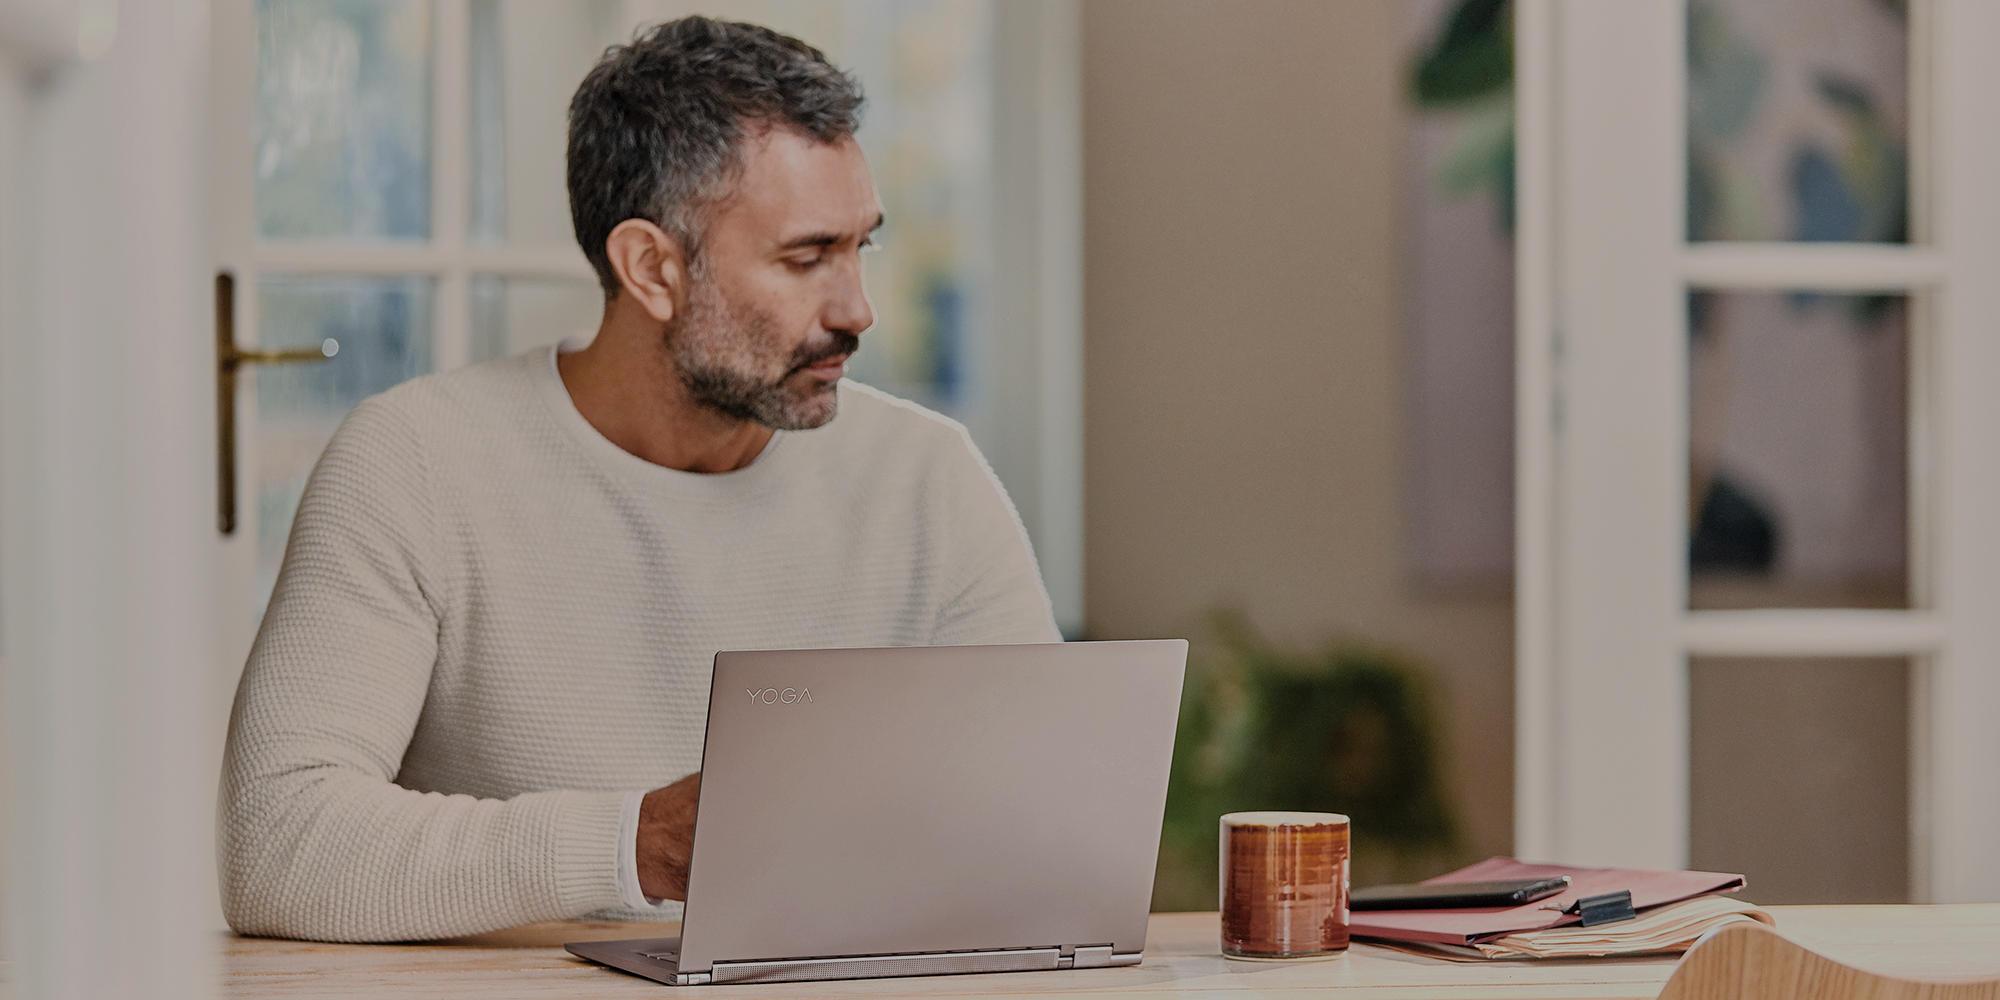 een man staat voor een laptopcomputer